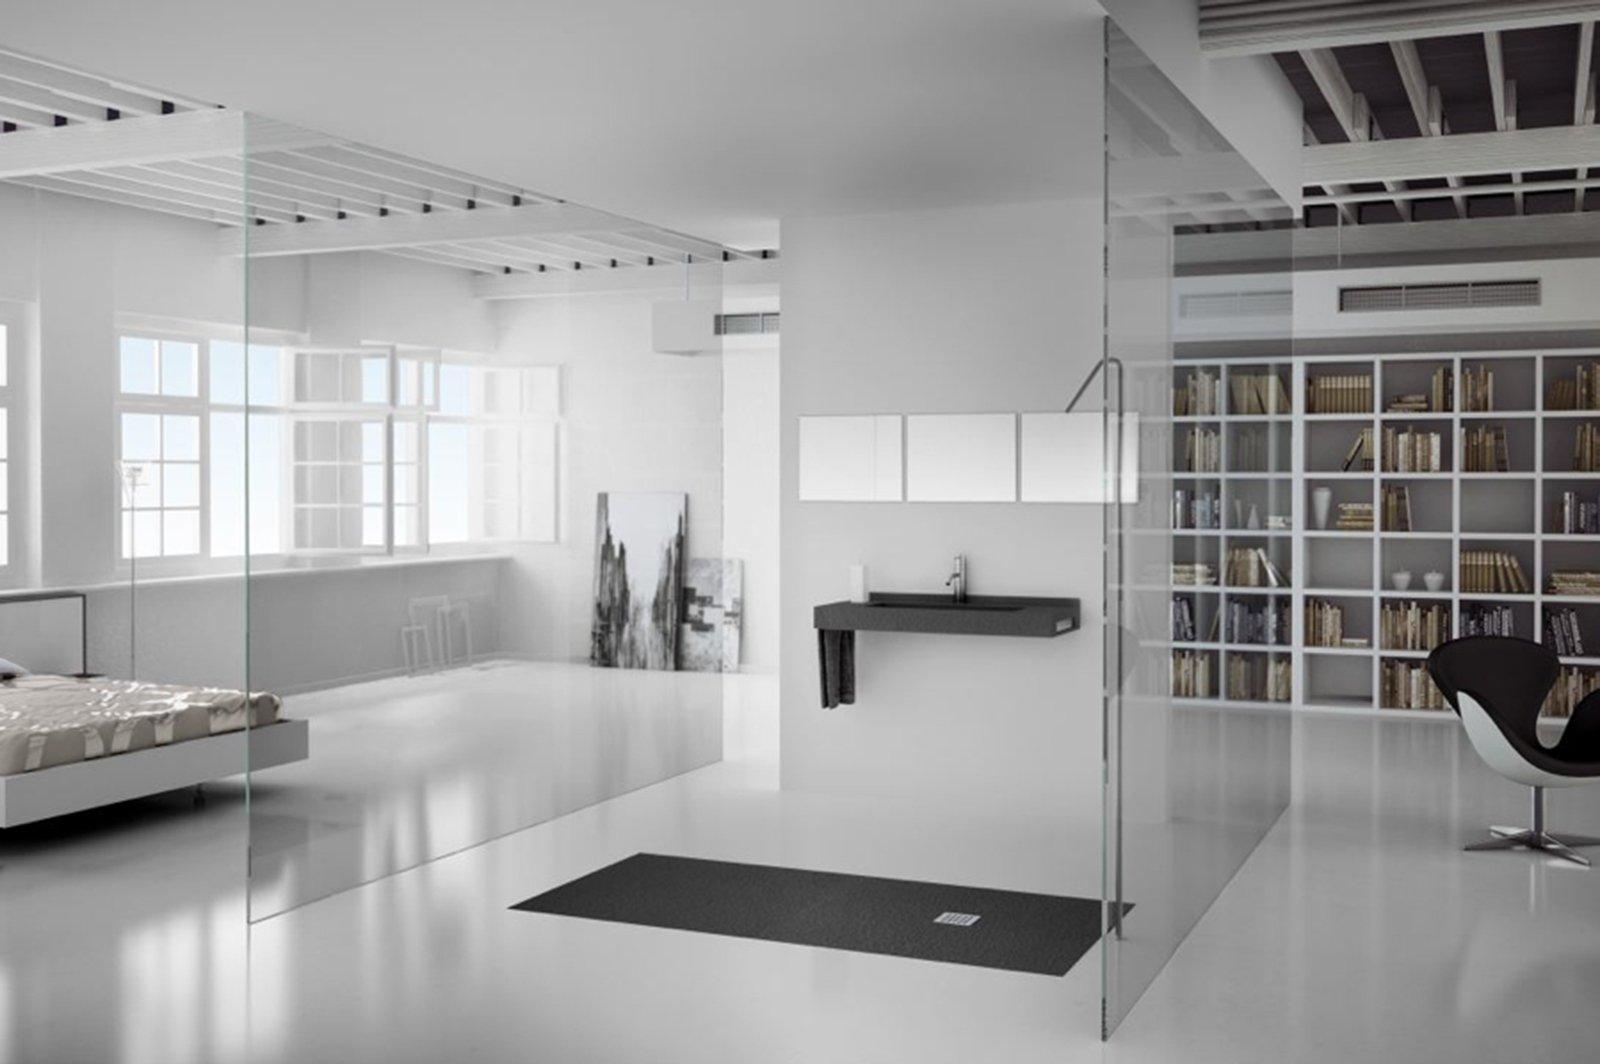 Bagno con finiture cemento o effetto cemento - Cose di Casa